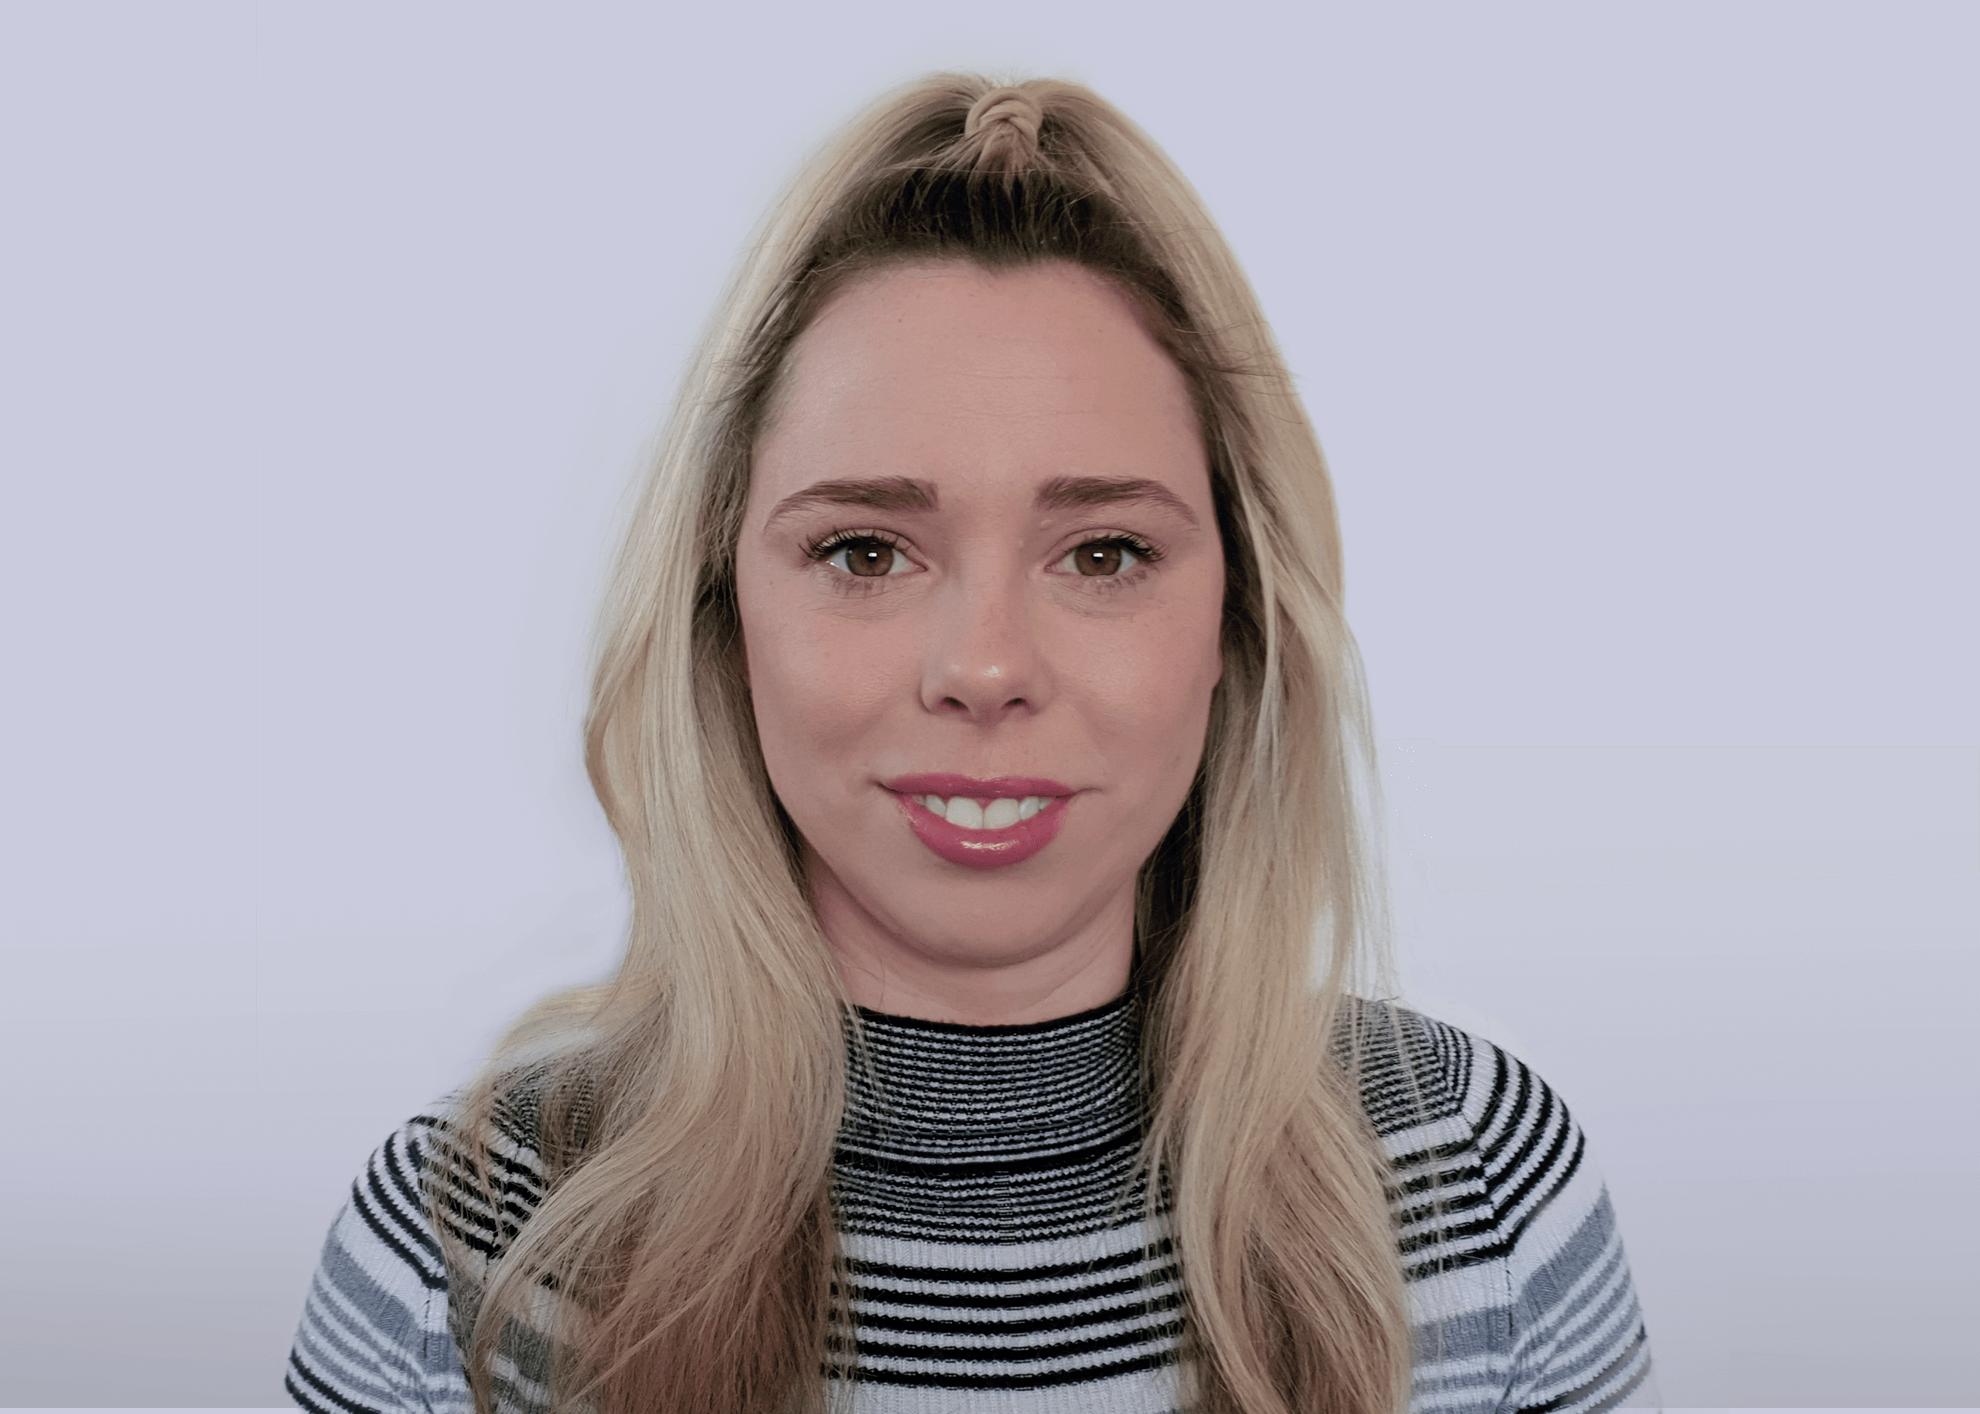 Tiffany Sims